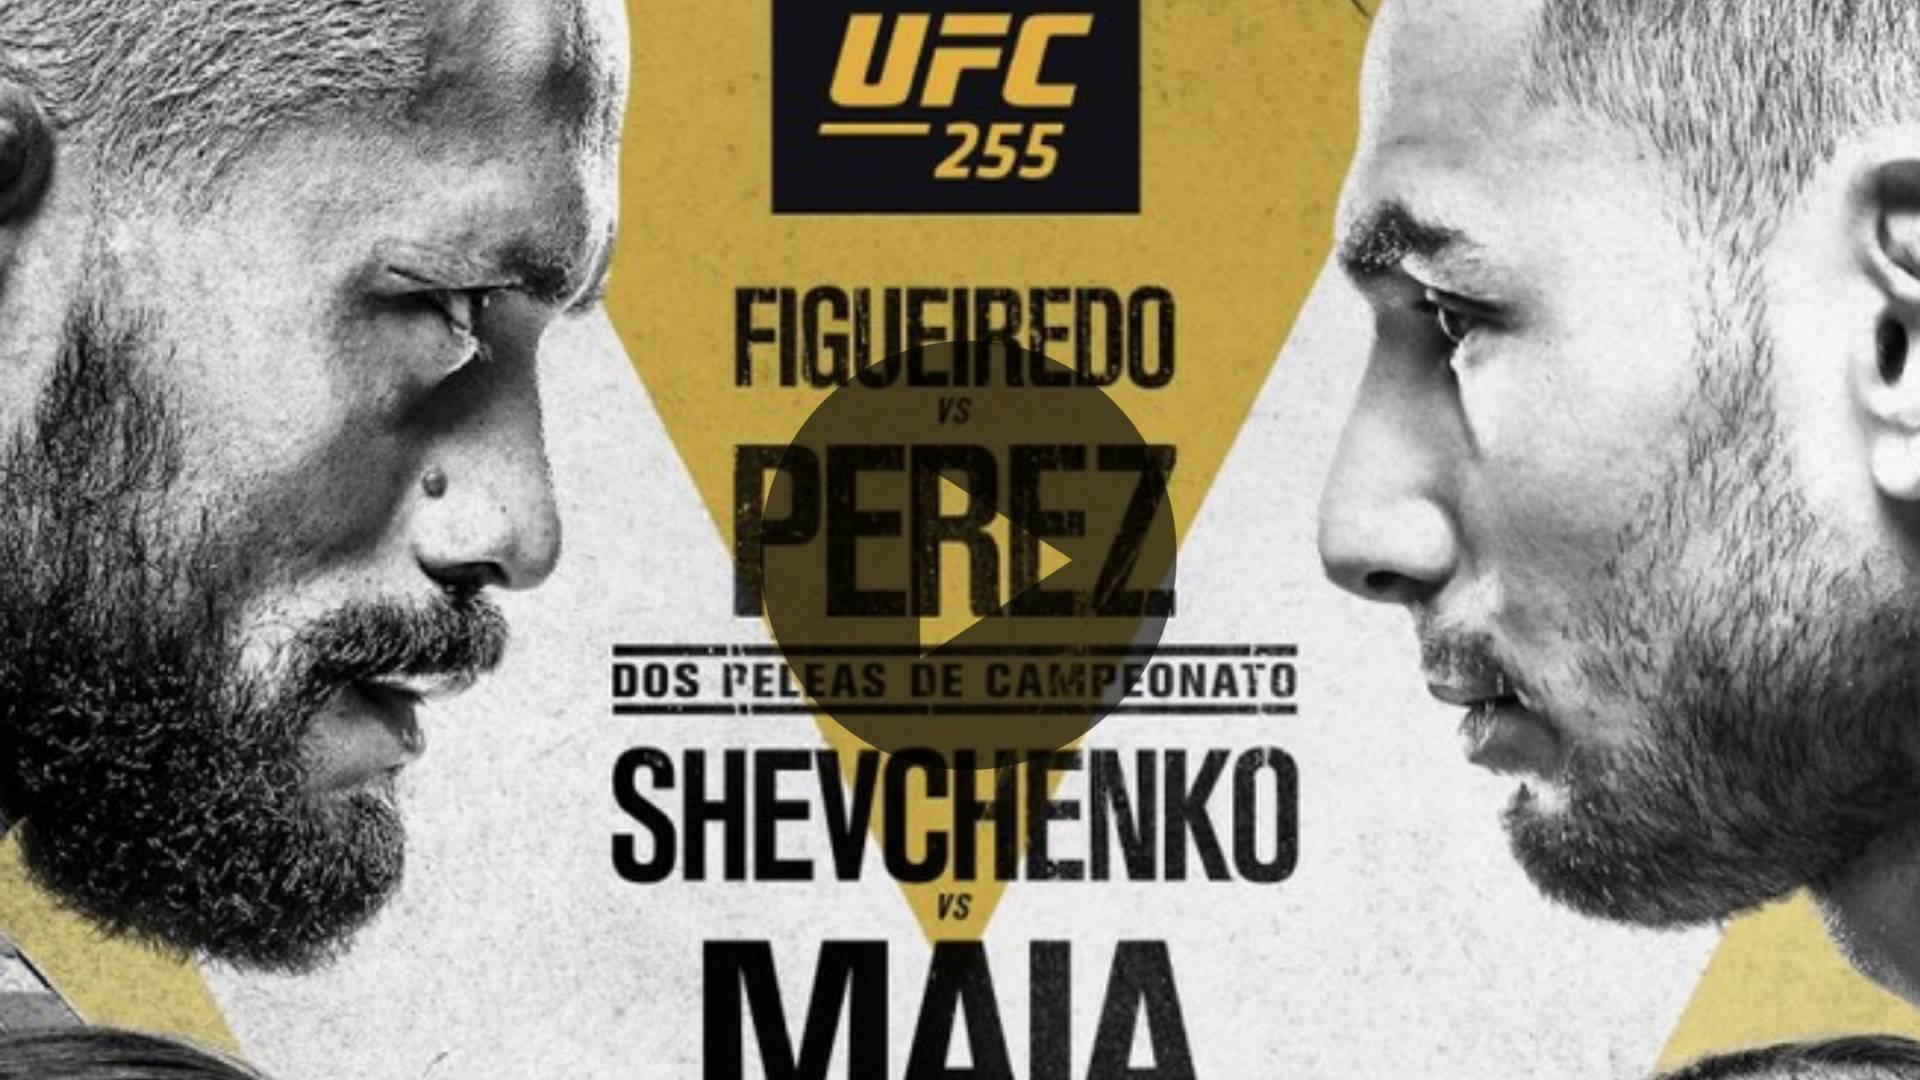 UFC 255 EN VIVO: Figueiredo vs Pérez y Shevchenko vs Maia, horarios y COMO VER EN TV GRATIS